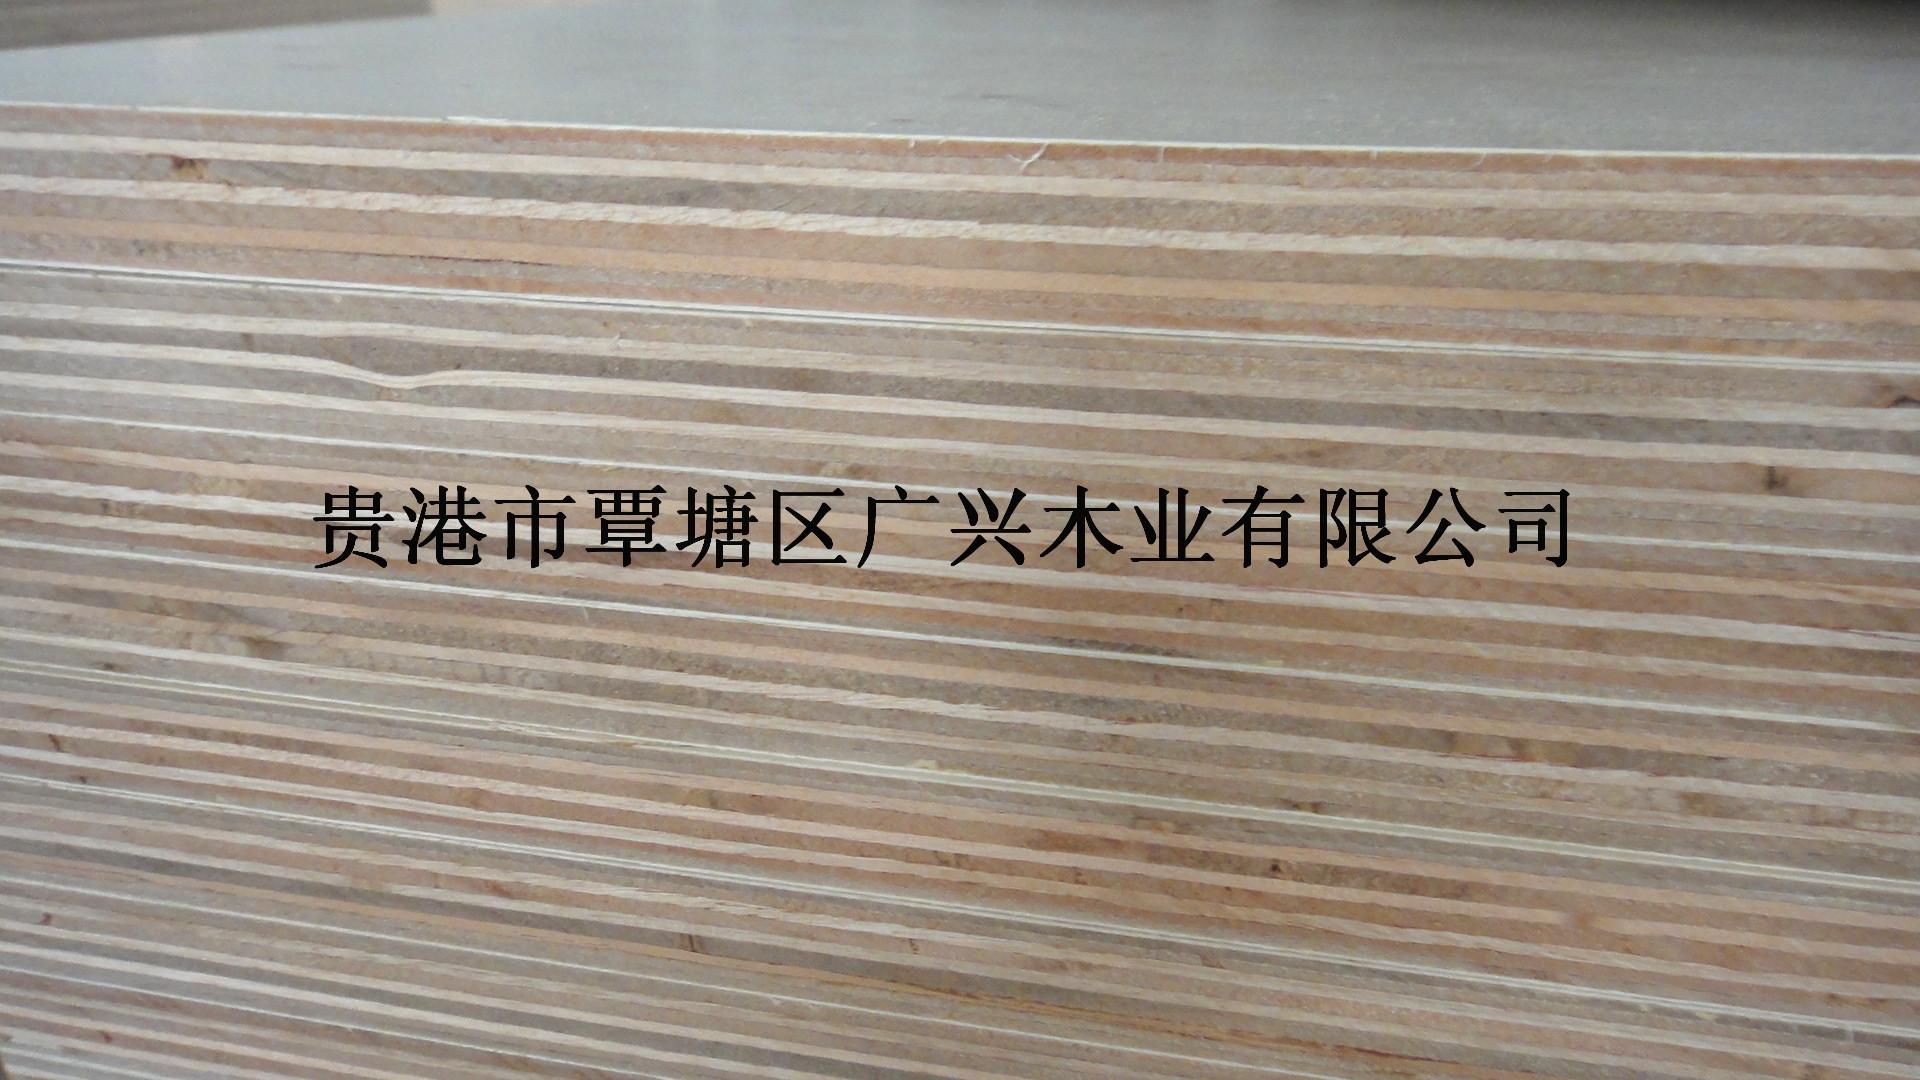 WWW_GGG355_COM_gggxmy.com